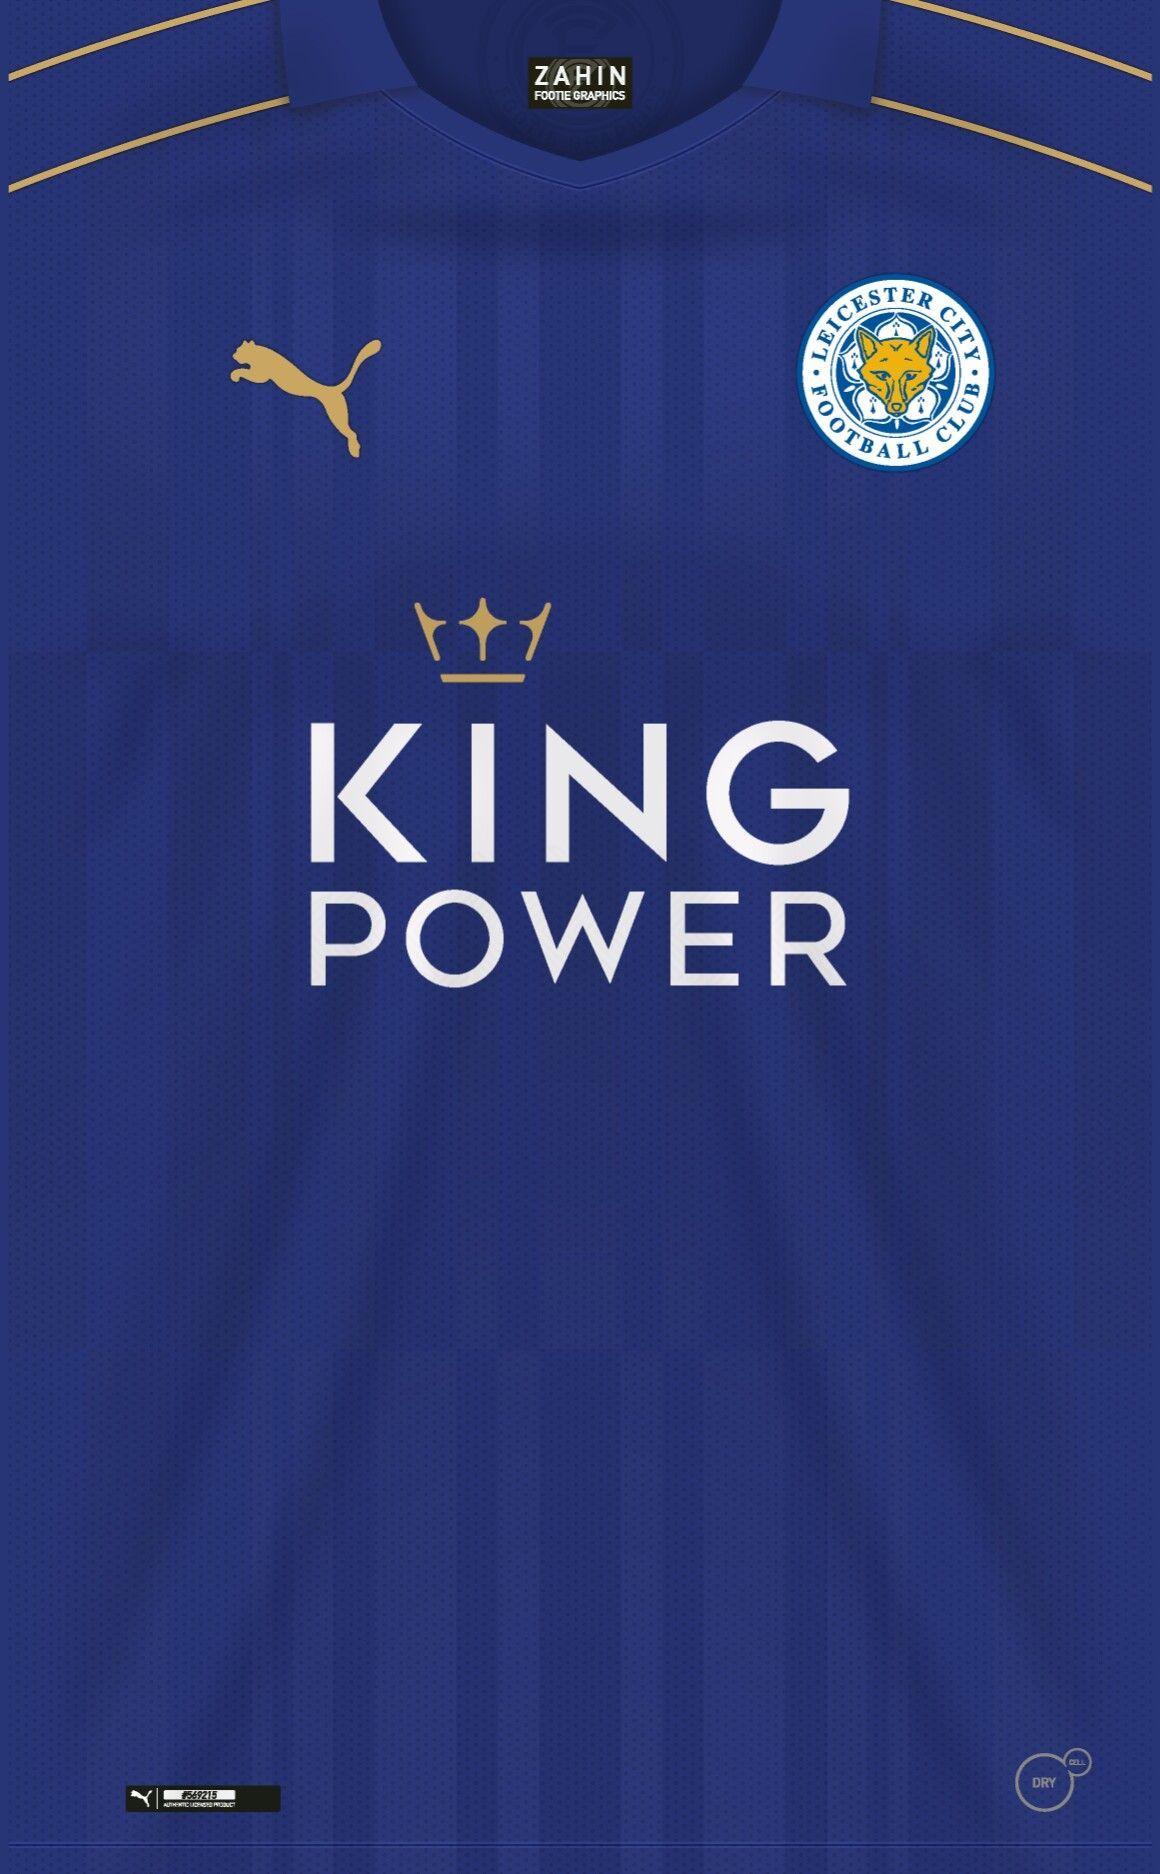 Leicester City 16 17 Kit Home Com Imagens Camisas De Futebol Uniformes Futebol Camisa De Futebol